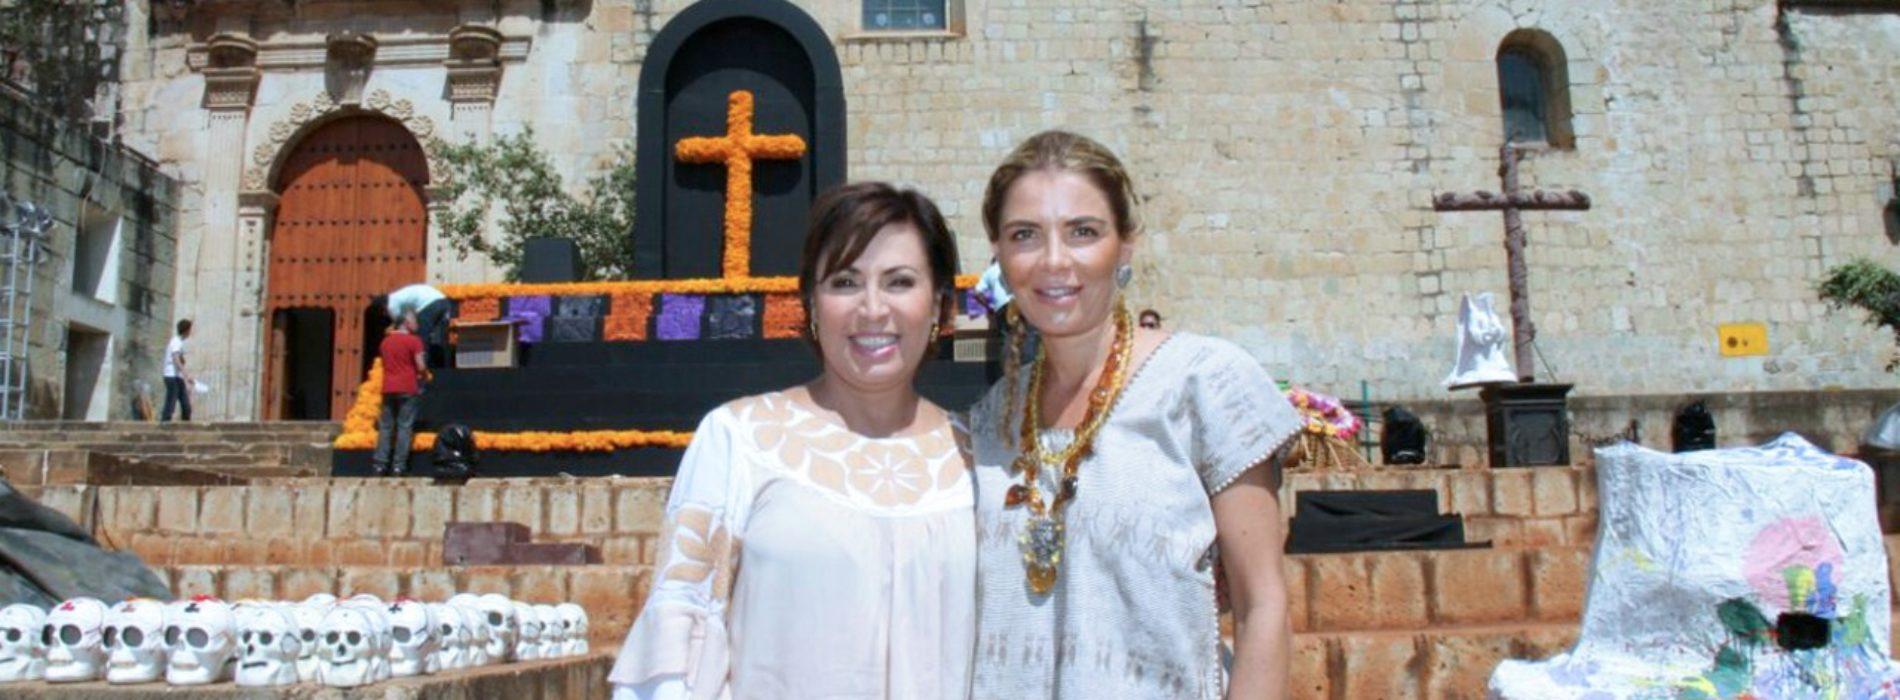 Rosario Robles e Ivette Morán de Murat comparten tradiciones oaxaqueñas